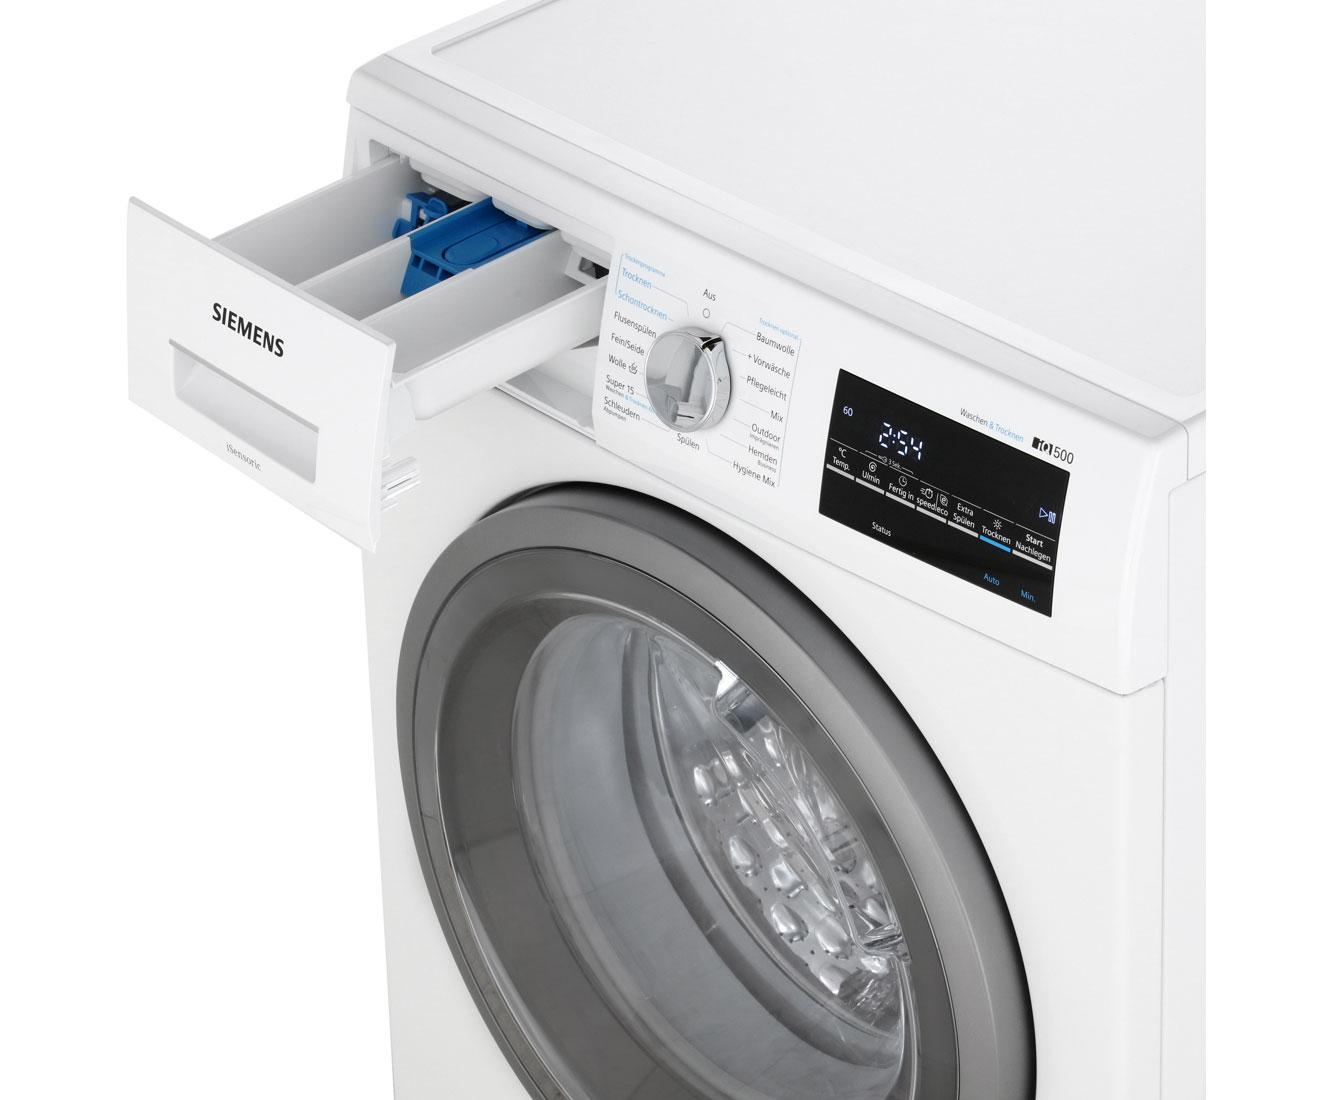 Siemens iq500 wd15g443 waschtrockner 7 kg waschen 4 kg trocknen